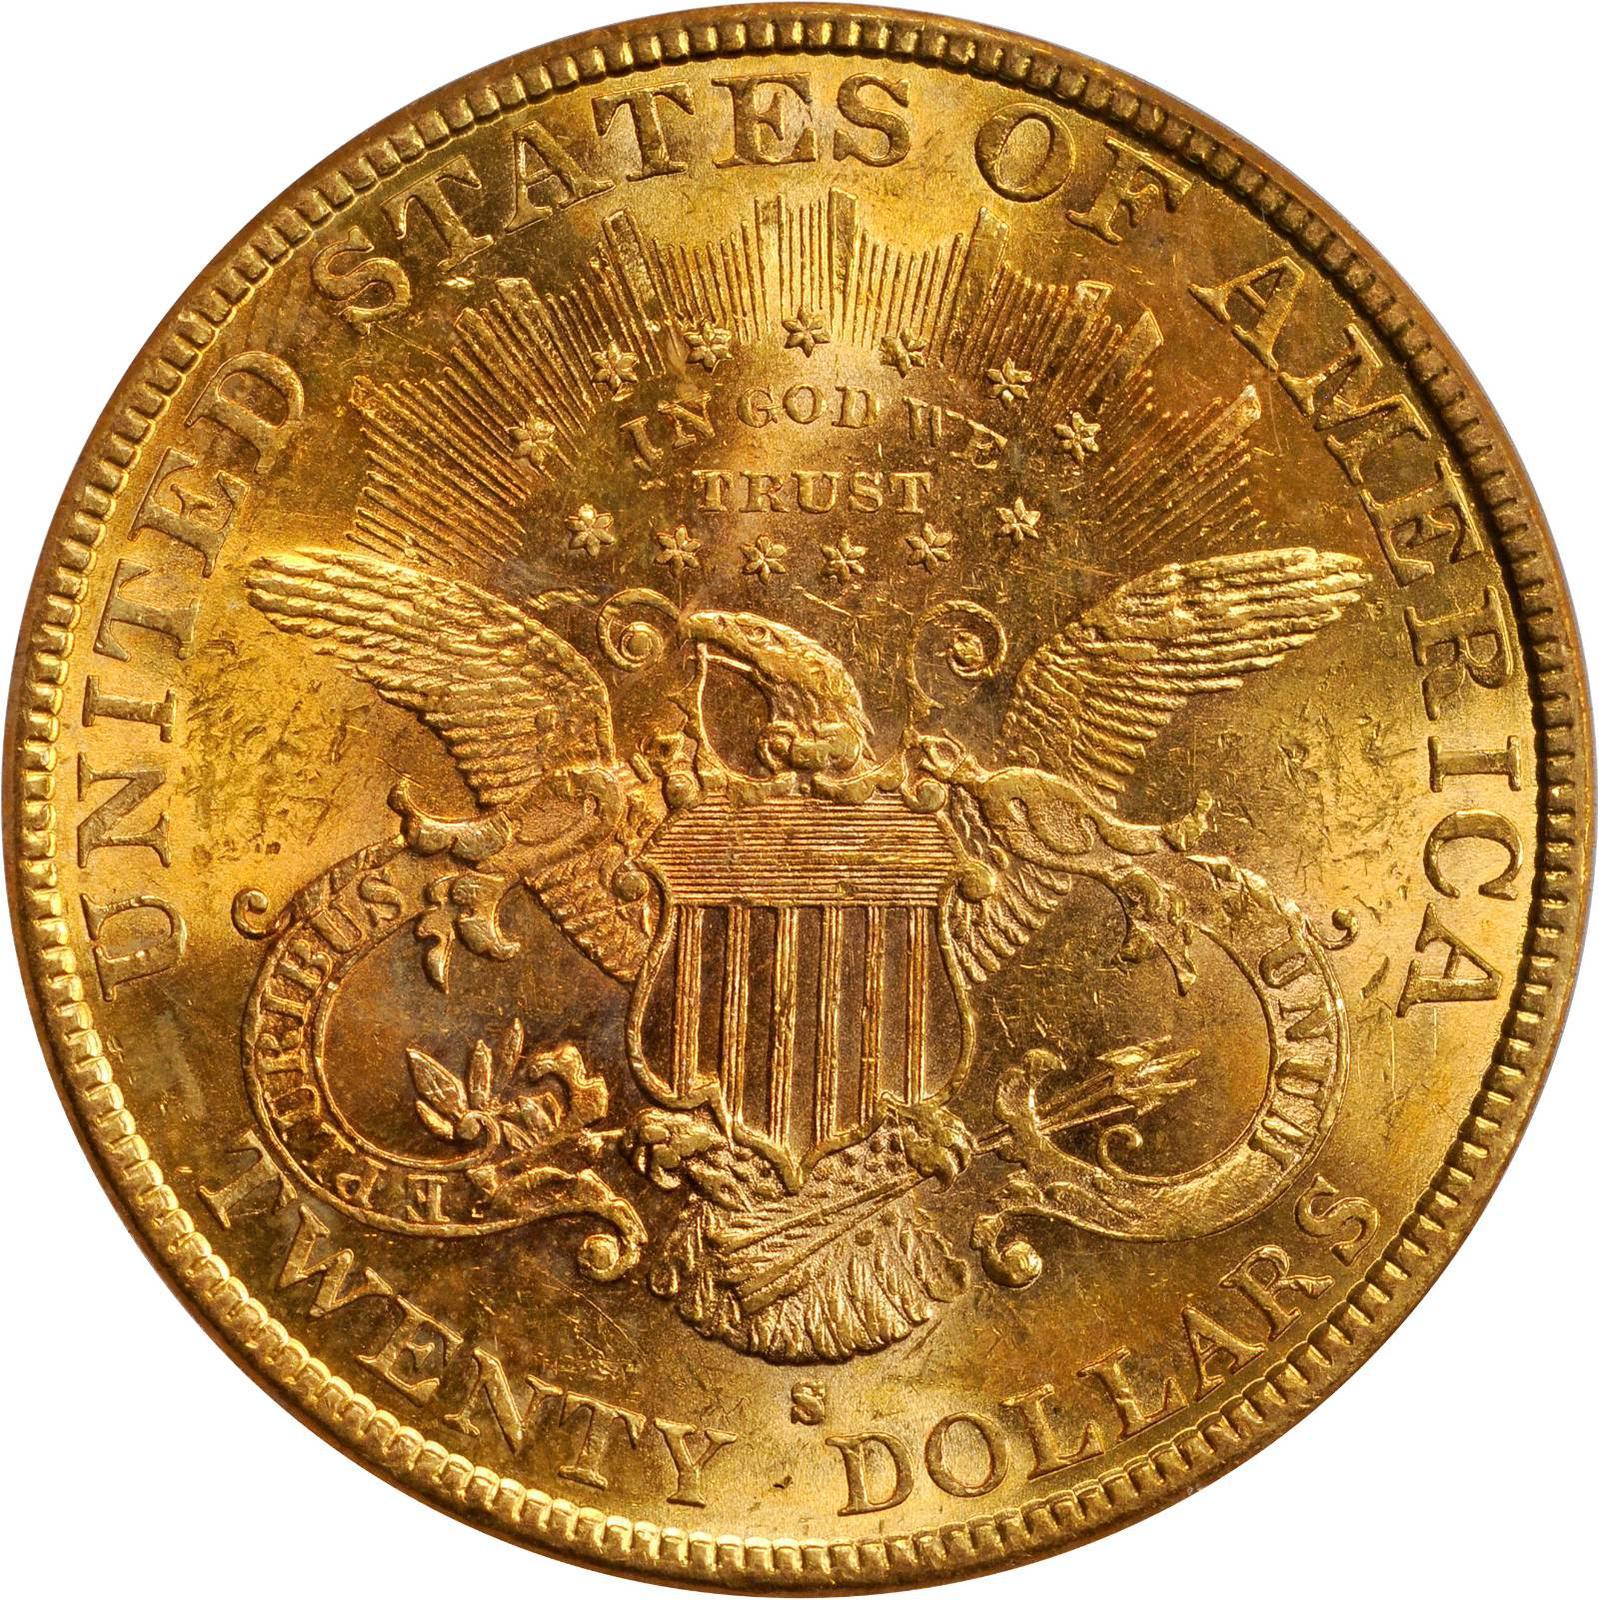 1914 ten dollar gold coin